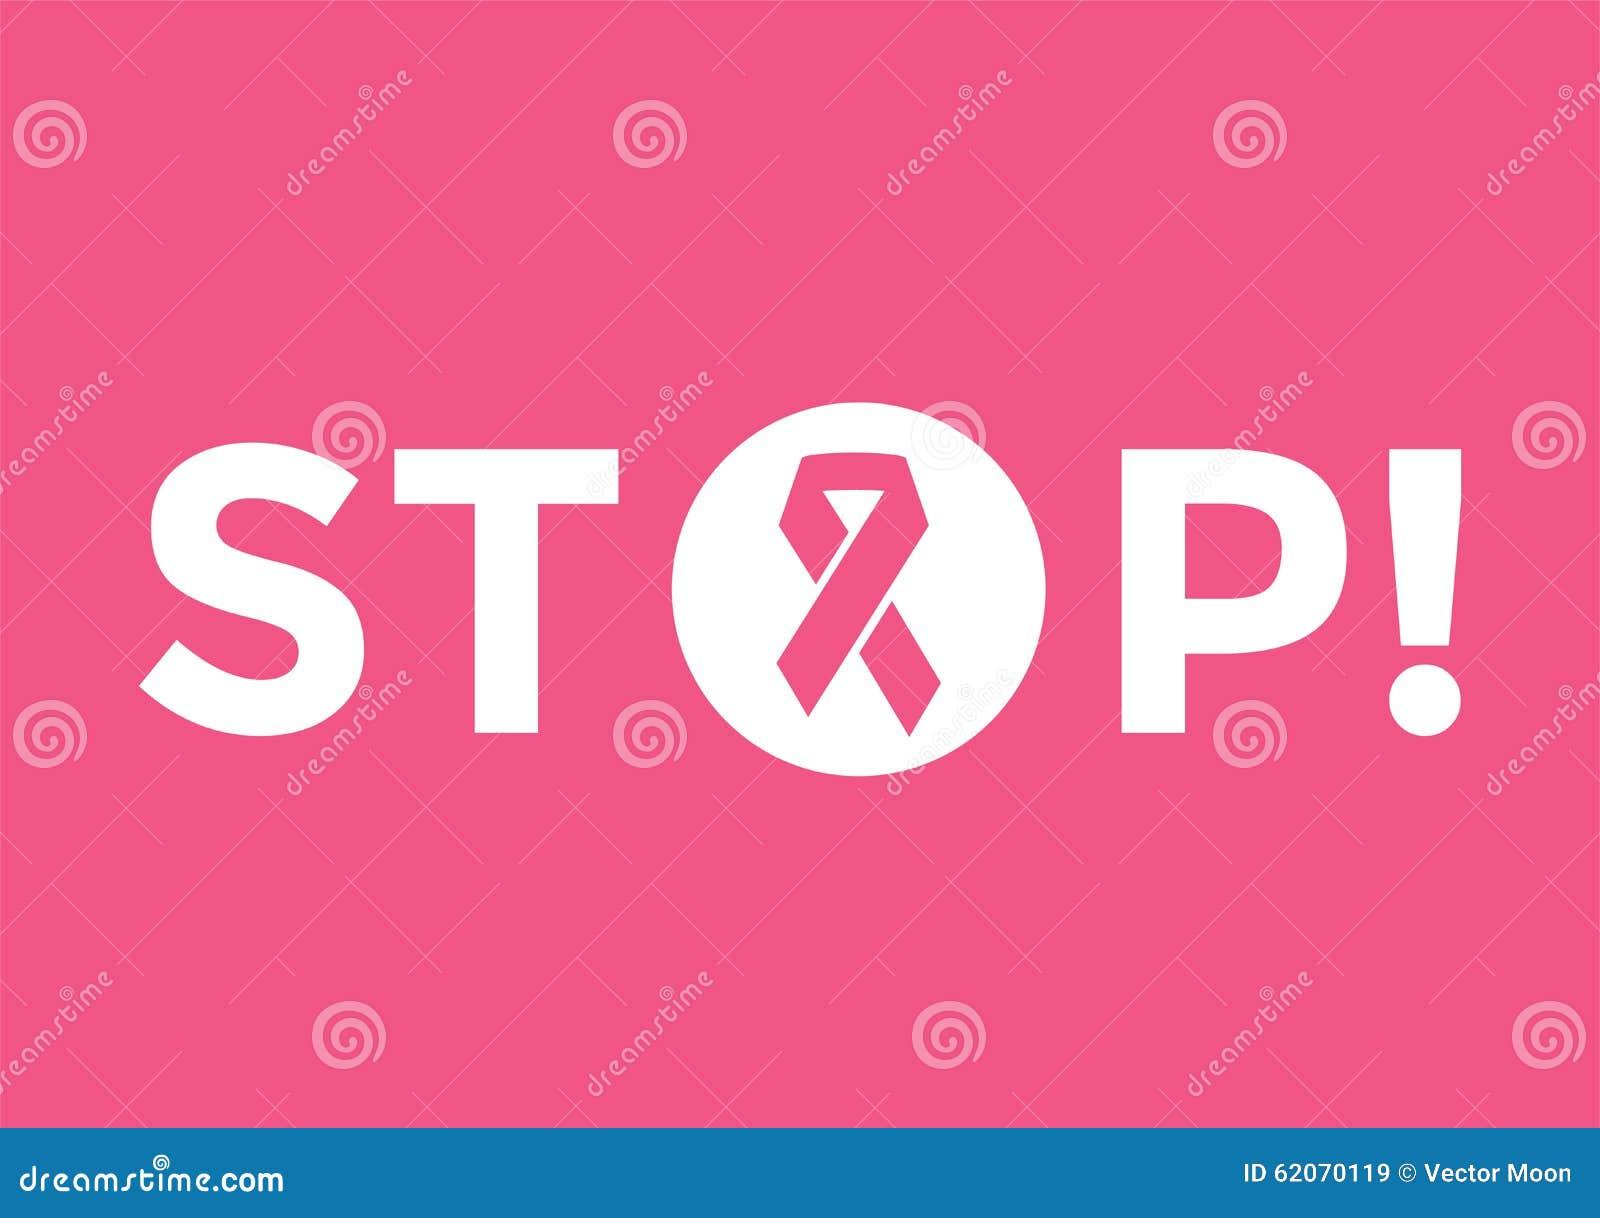 Stoppa det medicinska affischbegreppet för cancer